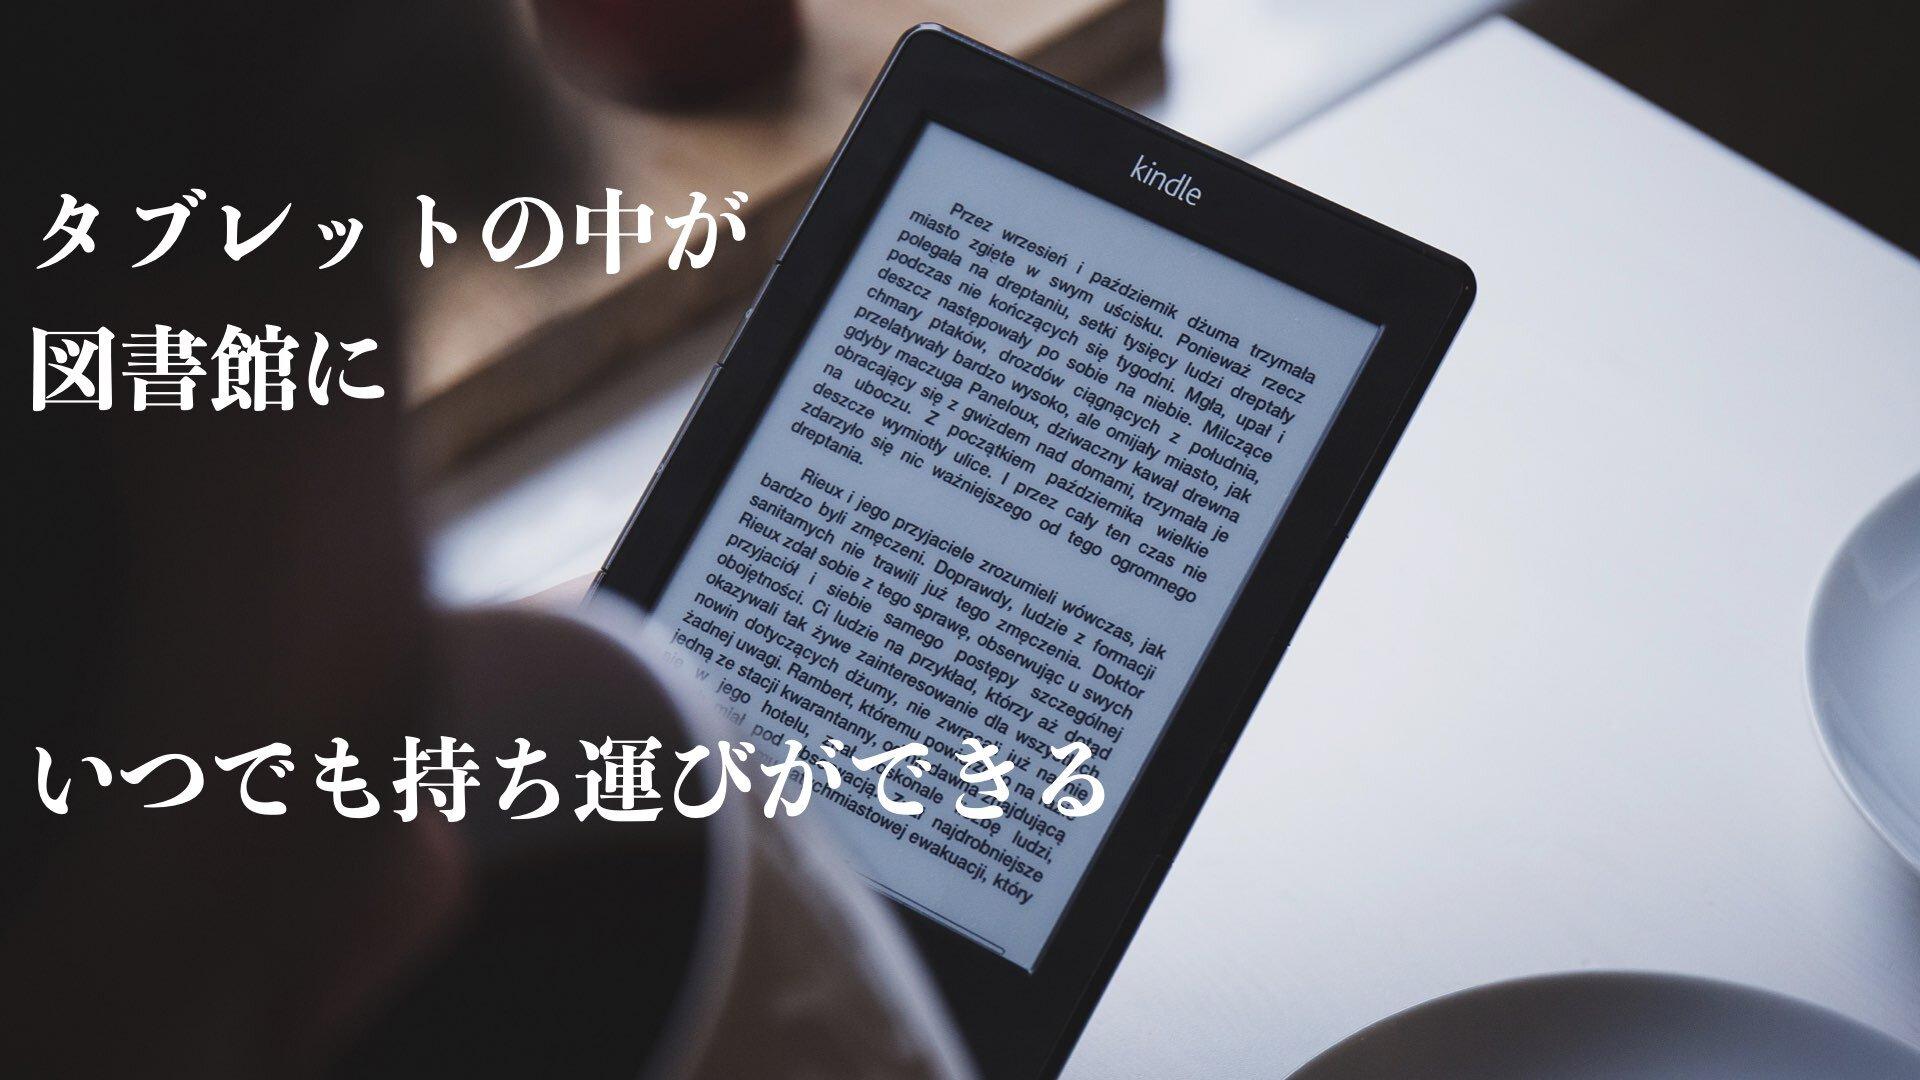 タブレットで本を読もう